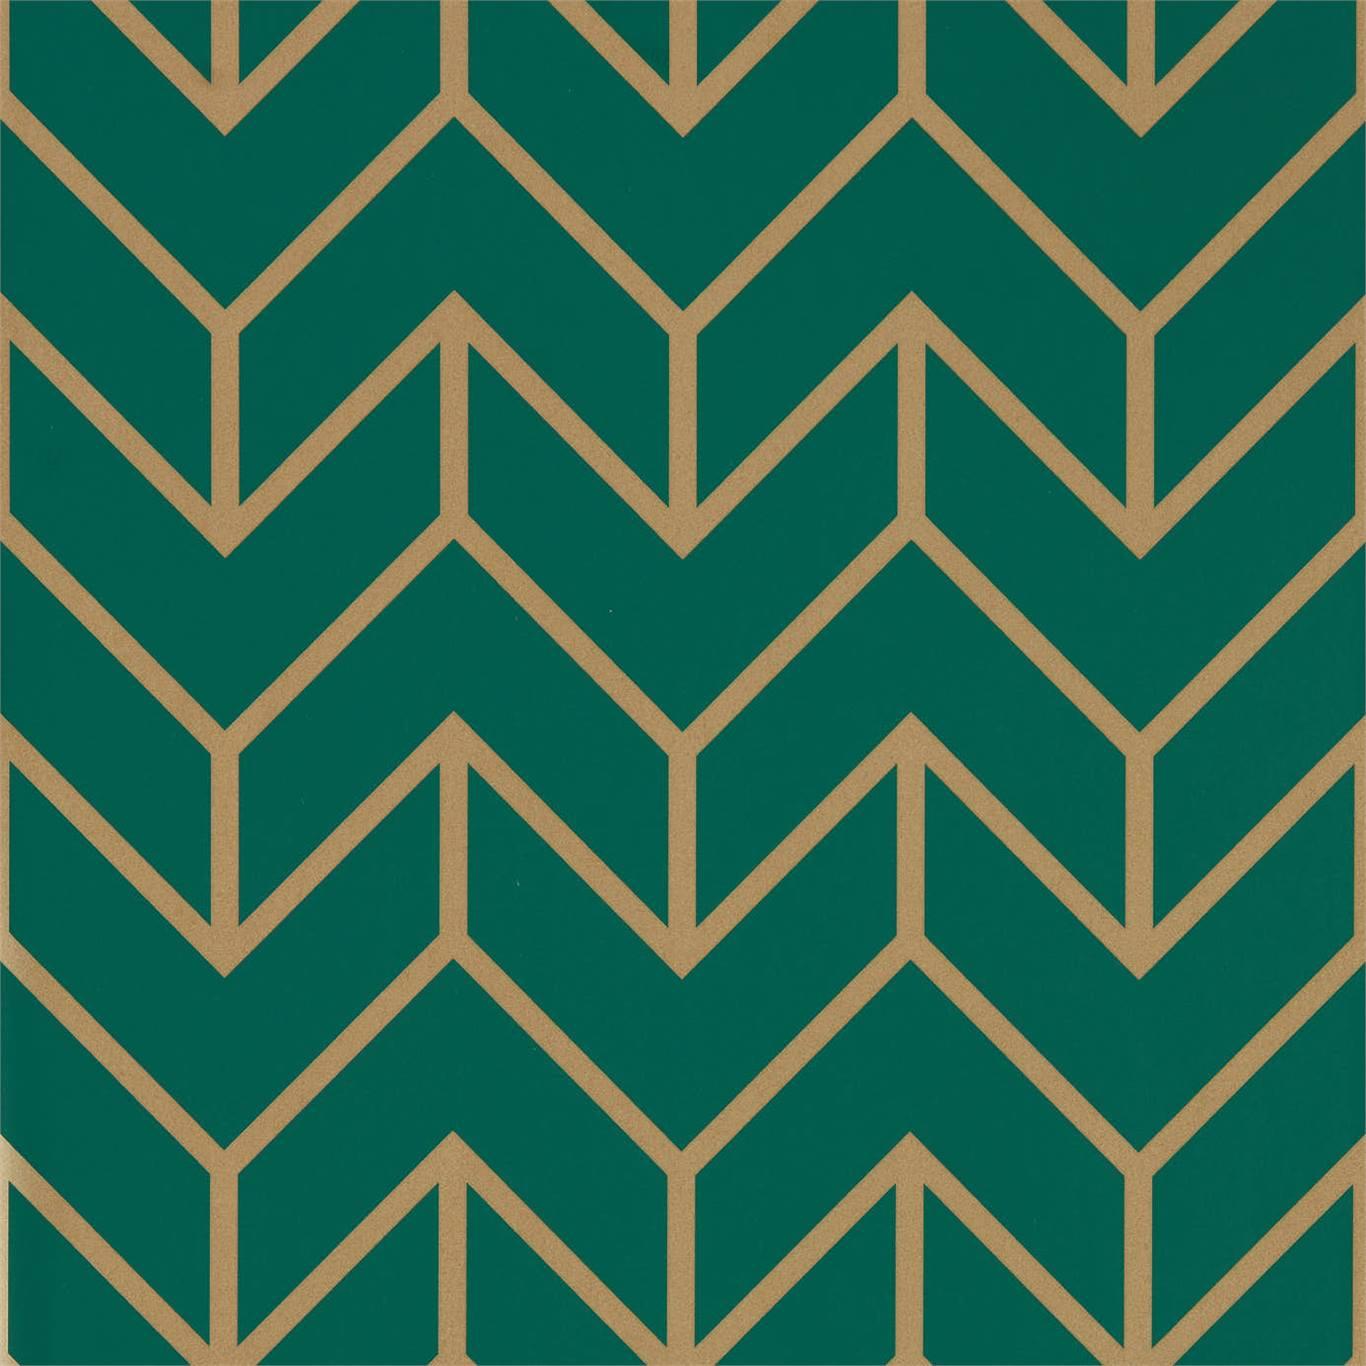 tapetai tapetai Harlequin, Momentum 5, Tessellation, 111984